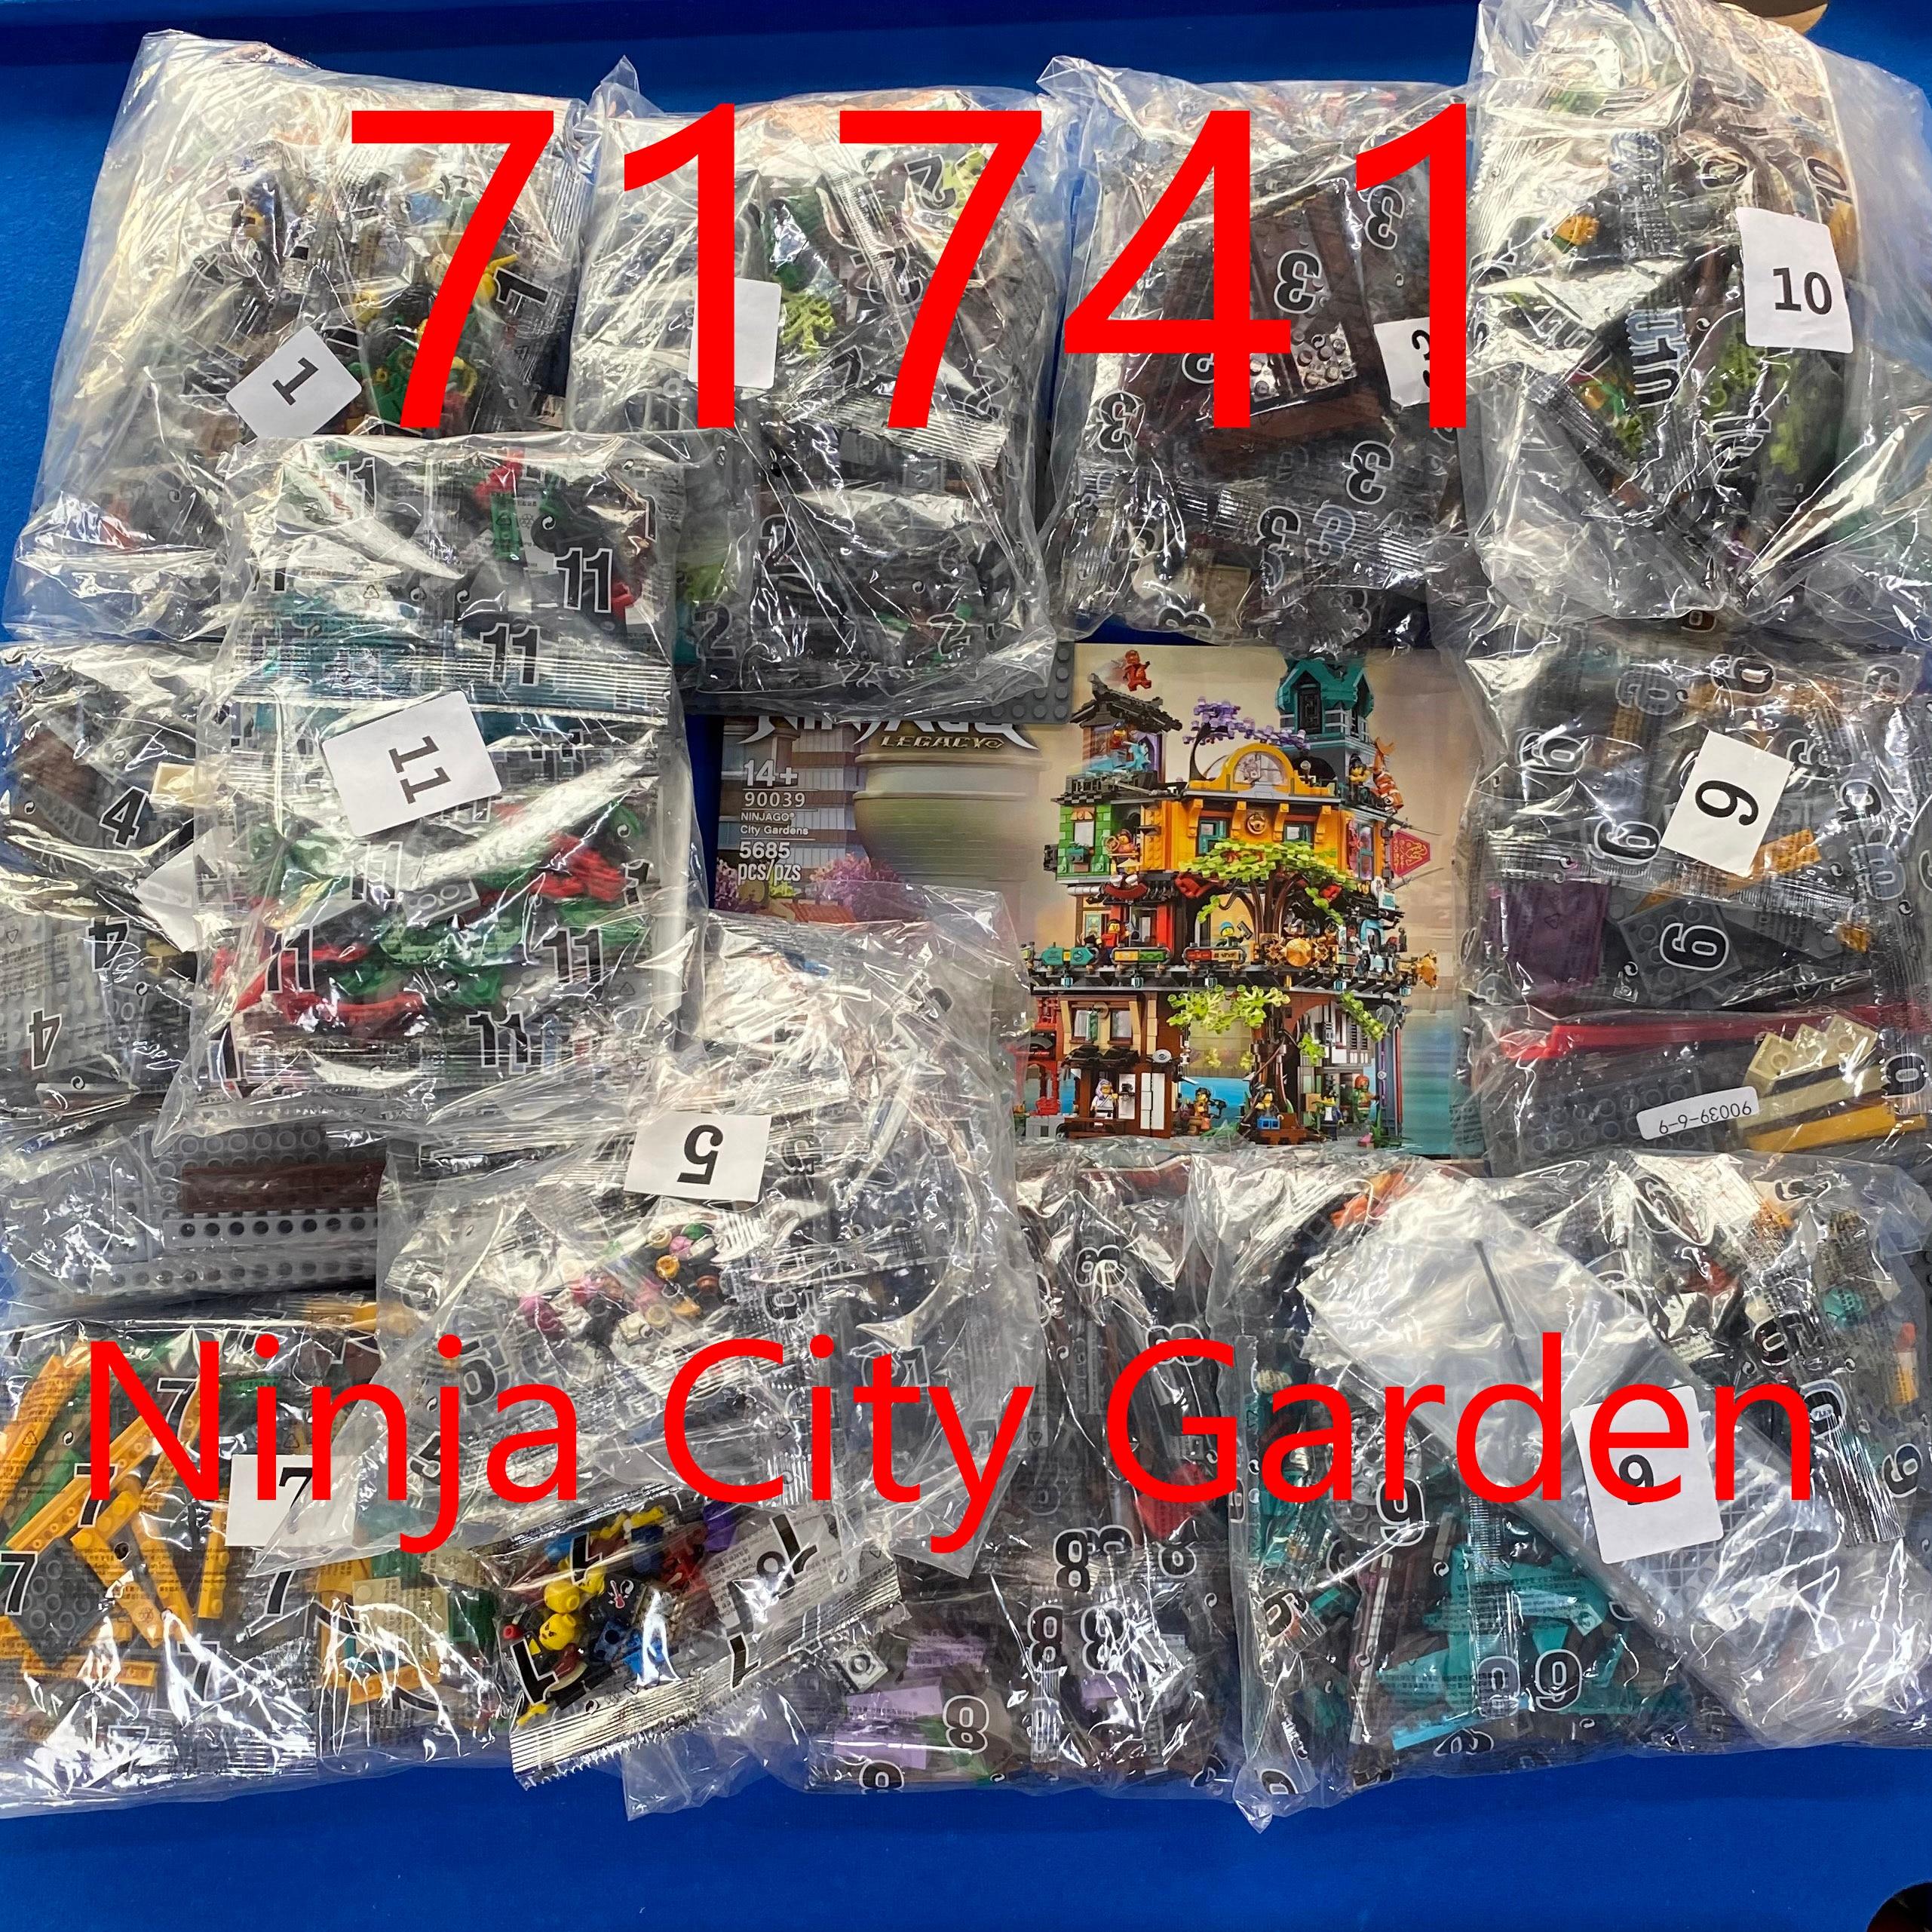 В наличии фильм серии СОВМЕСТИМЫ 71741 городской сад Вид из окна модель конструкторных блоков, Детские кубики, игрушки для мальчиков детские п...